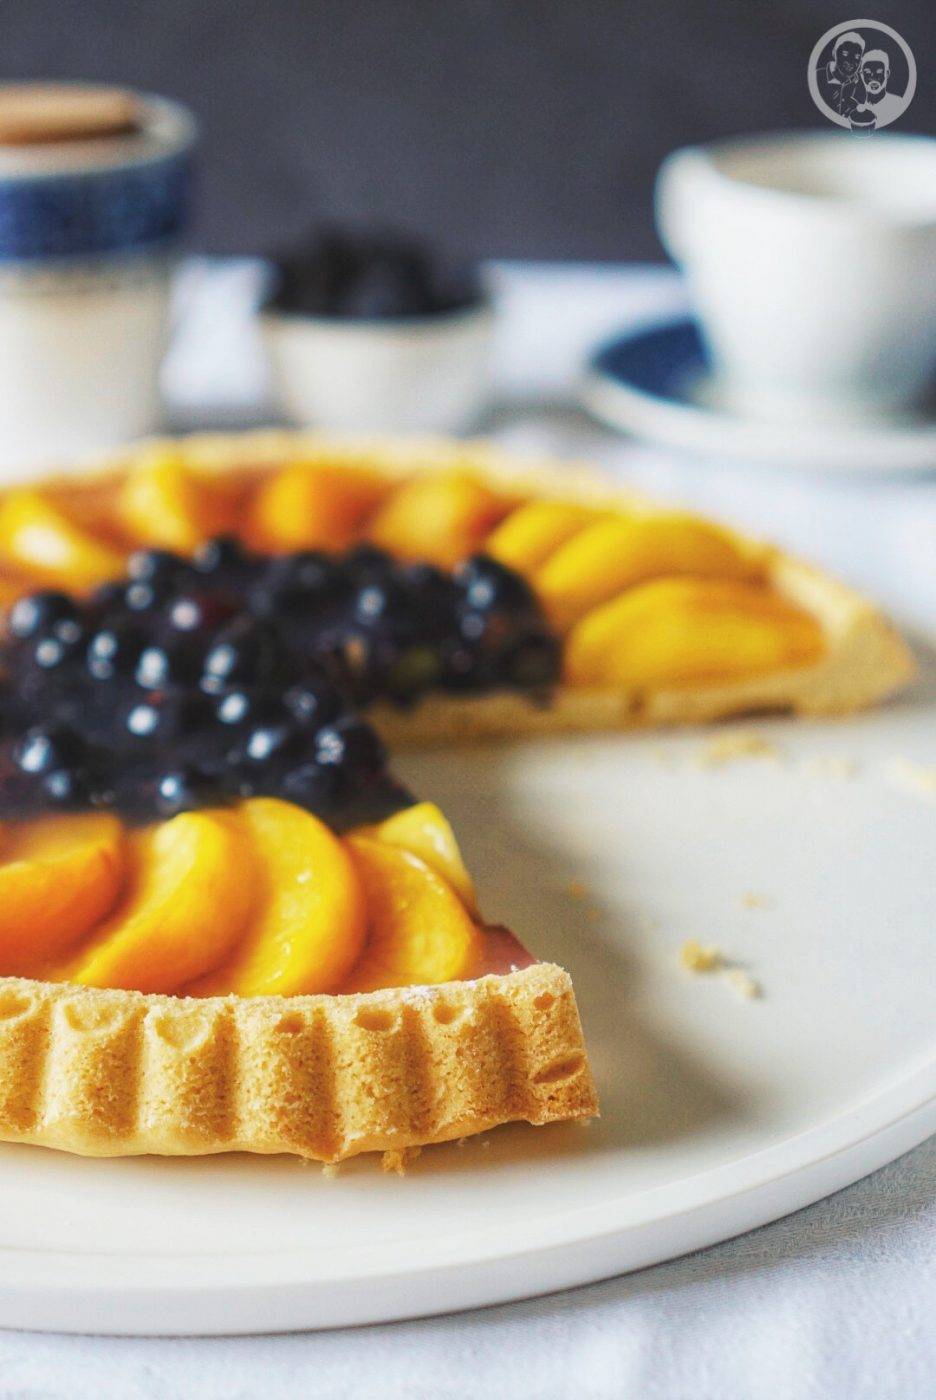 Oma Lores Obstboden mW 5 | Gestern am 28.09.17 wurde unsere liebe Oma Lore 92 Jahre alt. Und wir haben diesen Ehrentag sehr gerne mit ihr gefeiert. Oma Lore hatte auch einen klaren Kuchenwunsch ein Obstkuchen mit Oma Lores Obstboden! Morgens kamen dann schon die ersten Gäste und wir haben sie mit Brötchen, Käse und Wurst und vielen unserer Marmeladen verköstigt. Es ist so schön zu sehen, wie ihr Augen leuchten wenn die Bude voll ist. Auch wenn sie manchmal nur zuhört und müde ist, das Grinsen im Gesicht ist Gold wert.